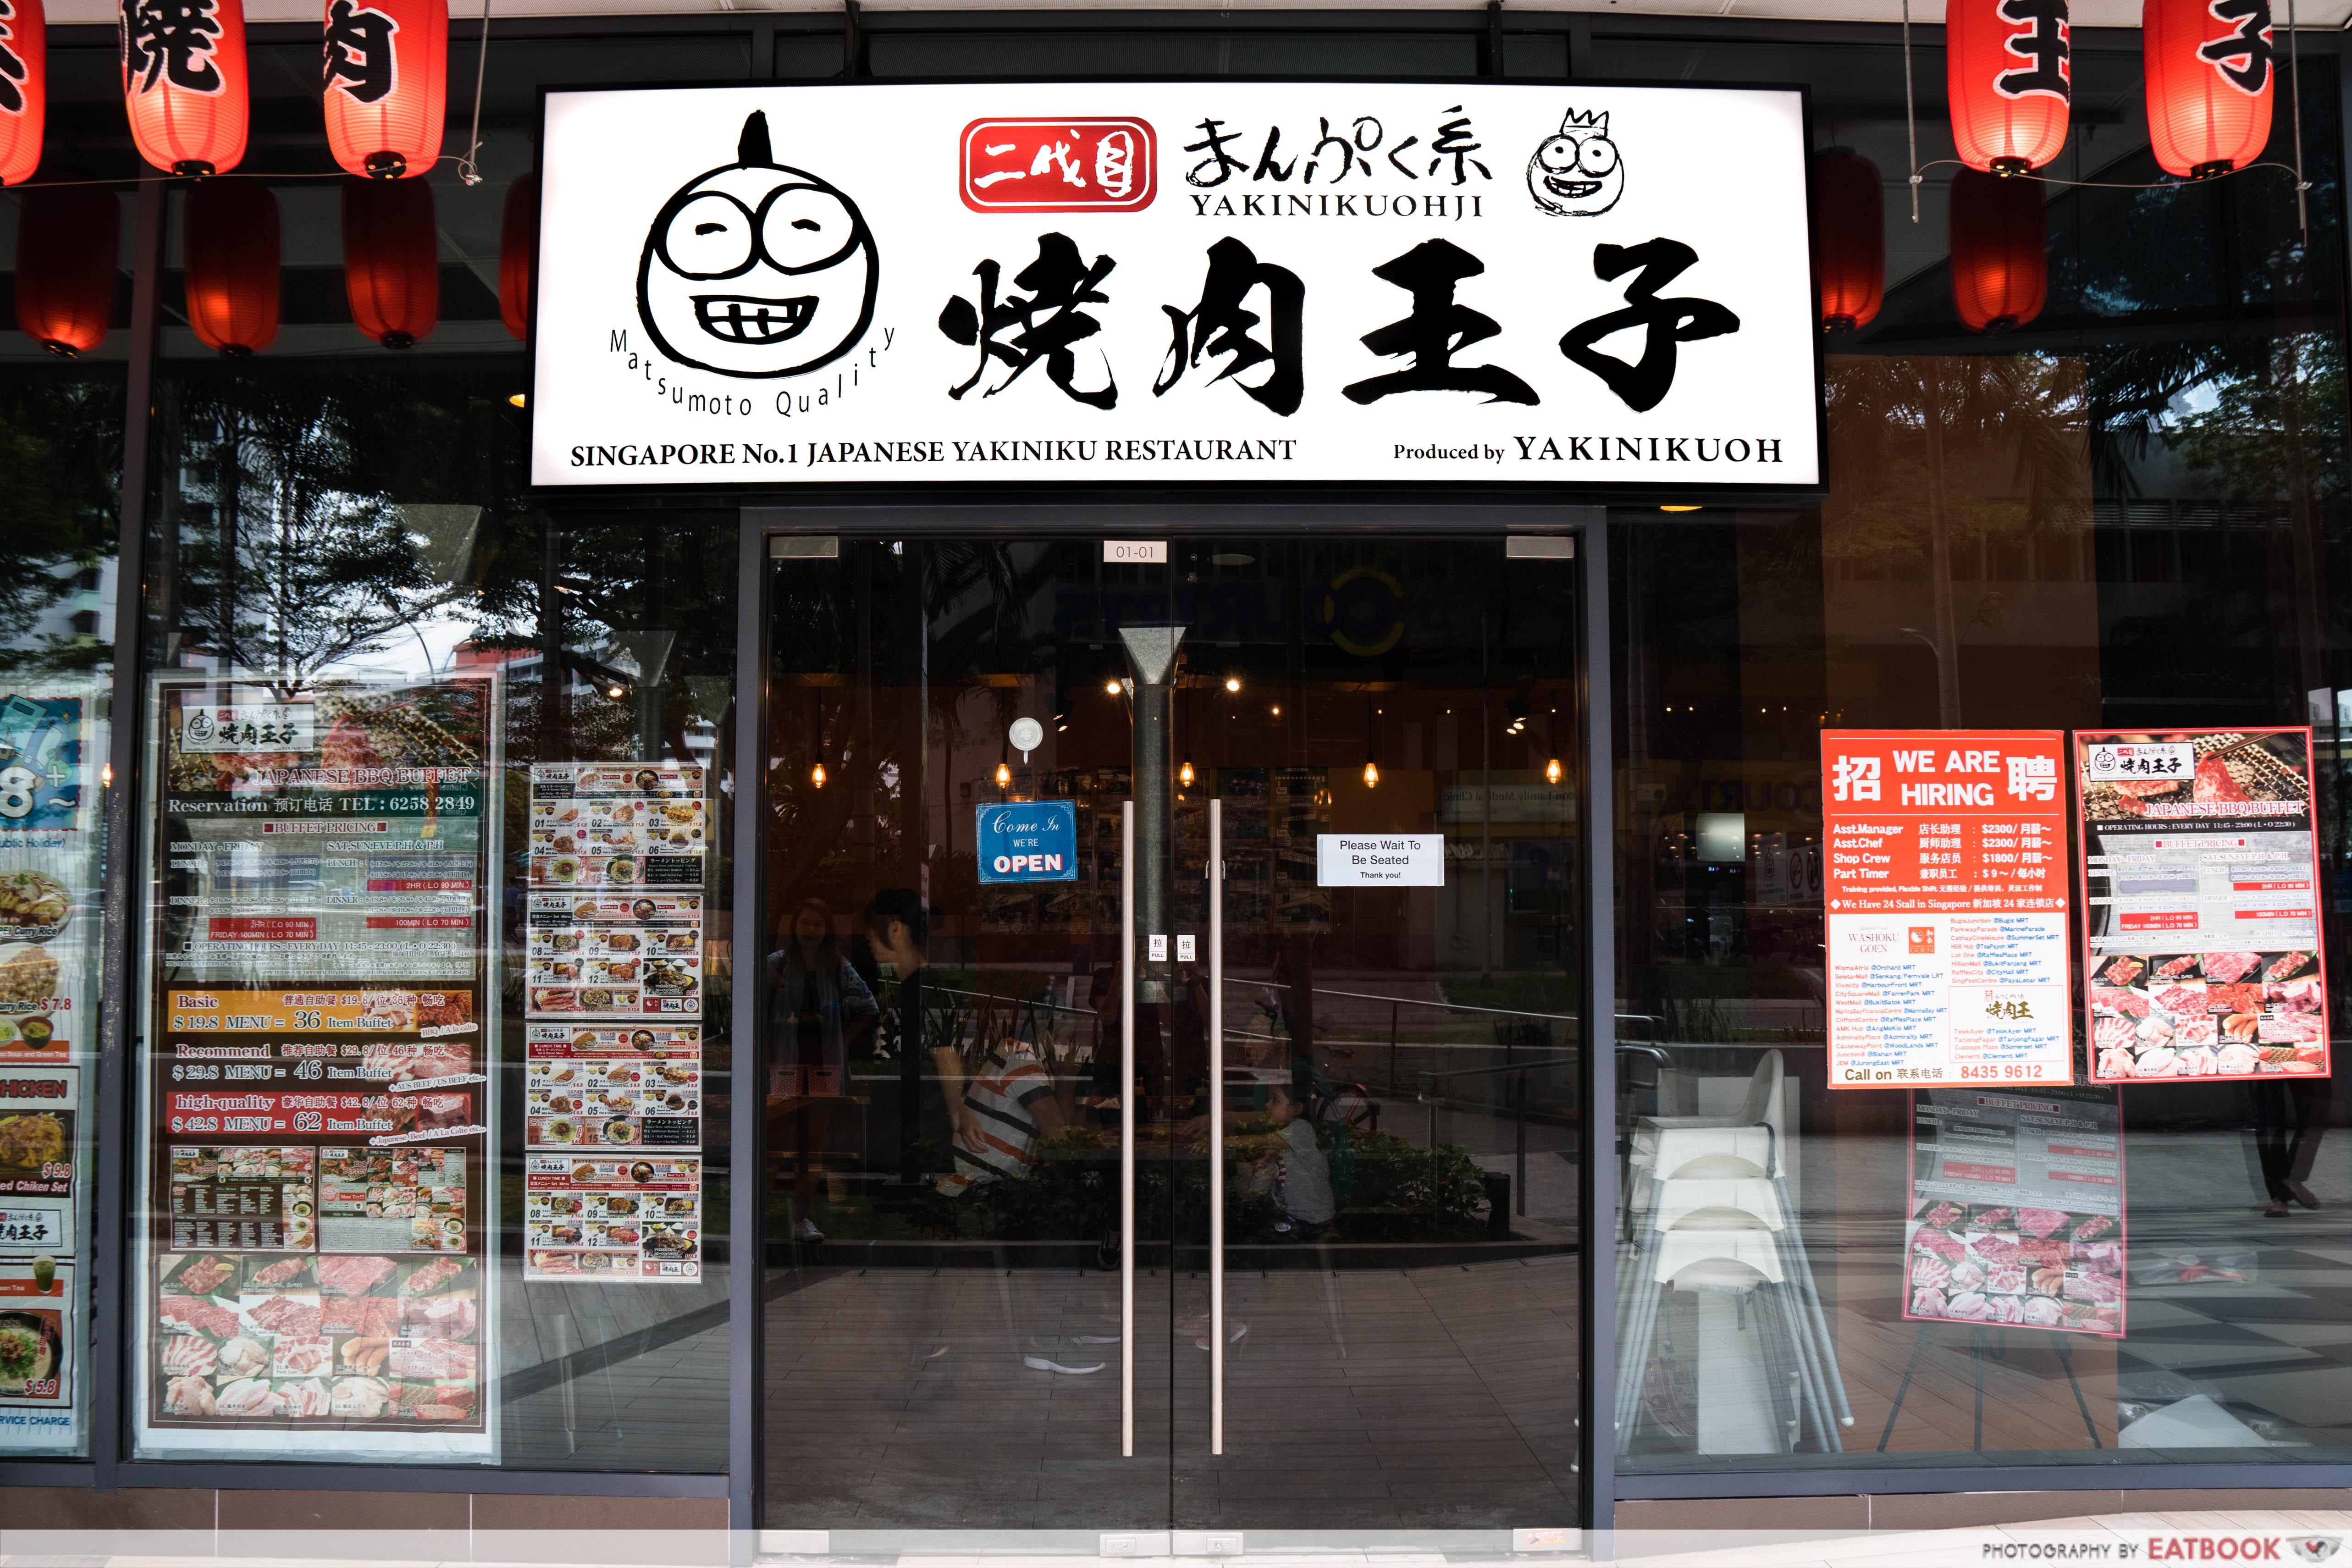 Yakinikuohji - storefront